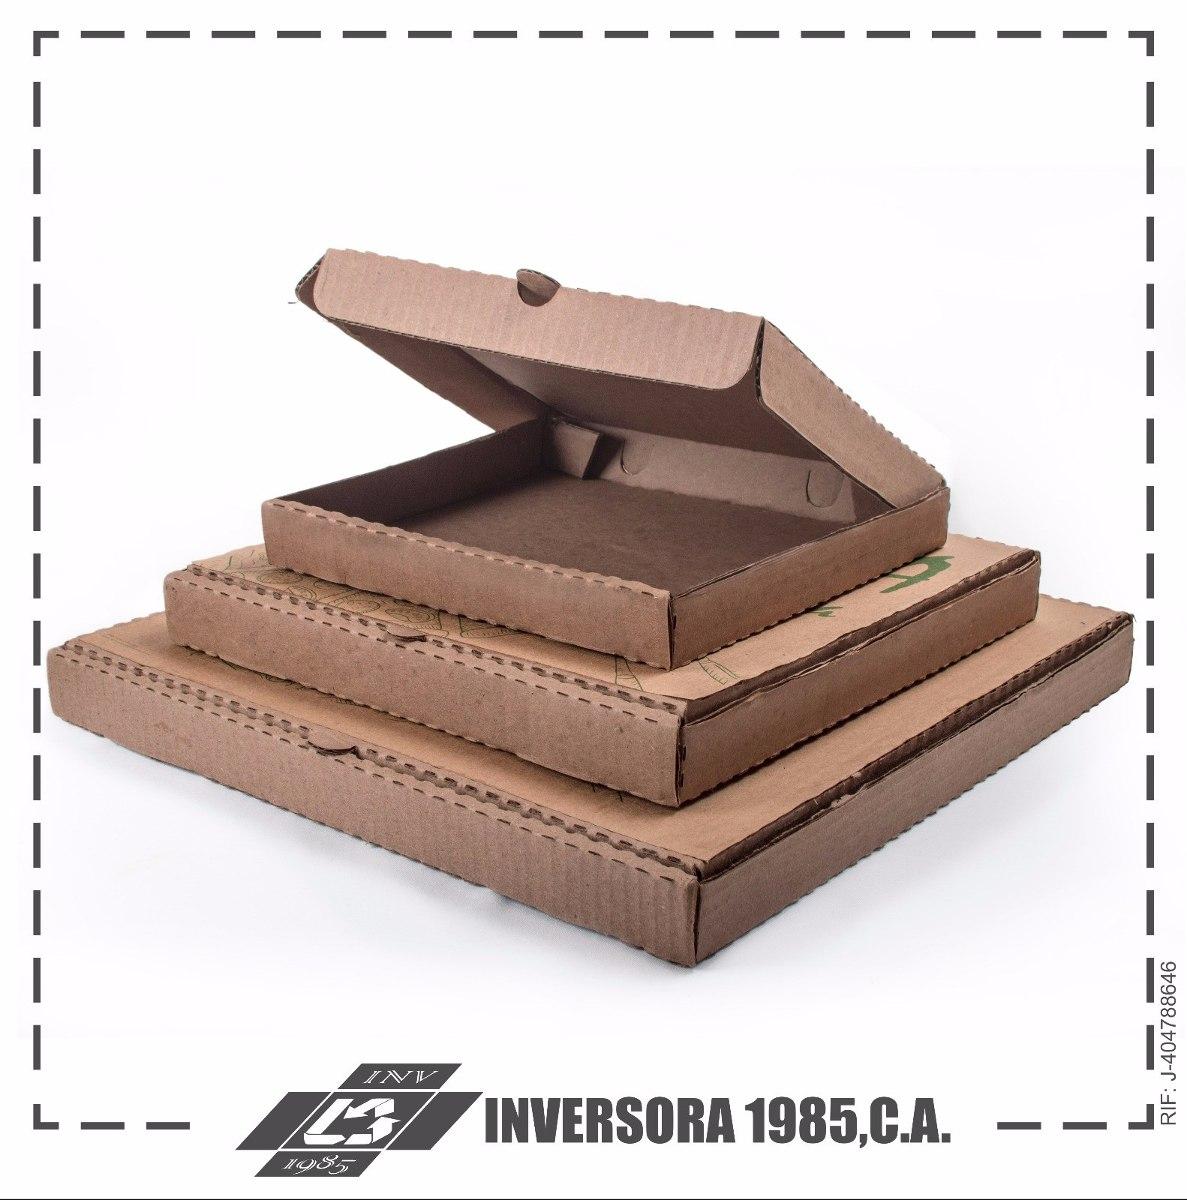 Cajas cart n fabrica empaque embalaje industria valencia - Carton valencia ...